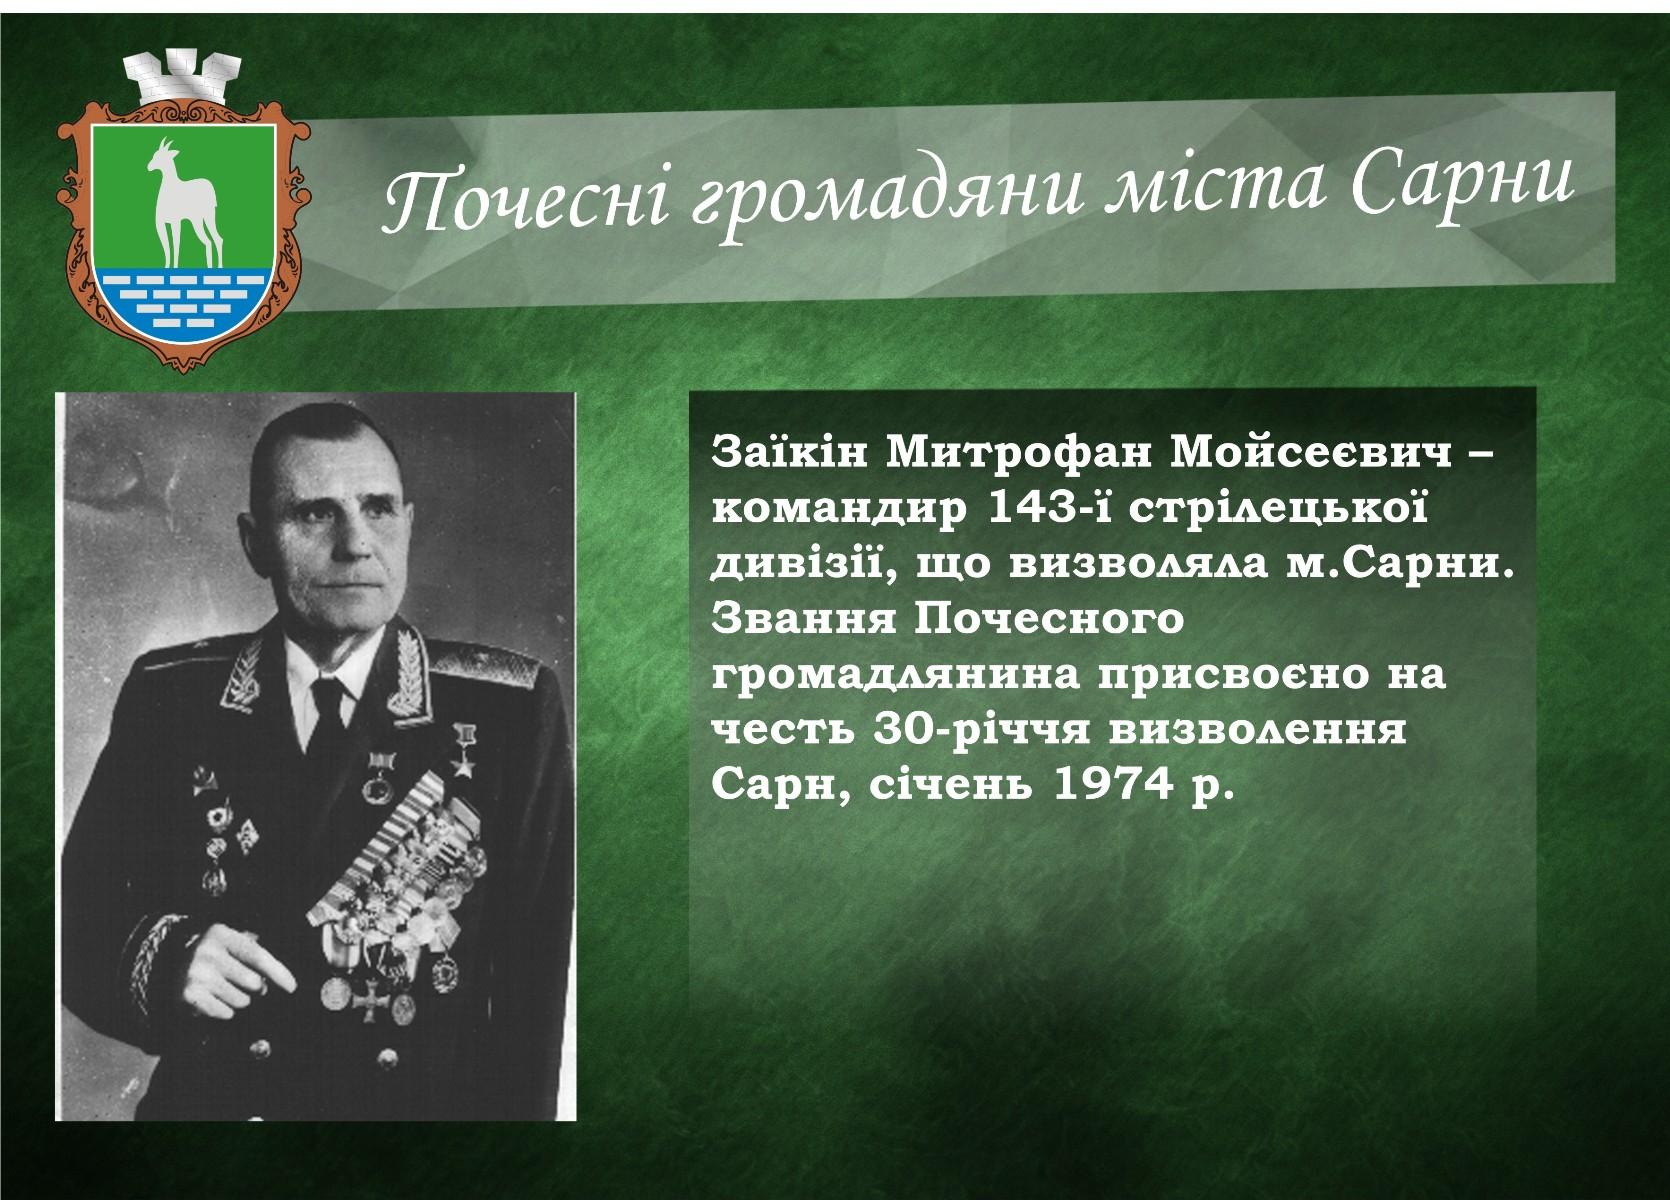 Заїкін Митрофан Мойсеєвич